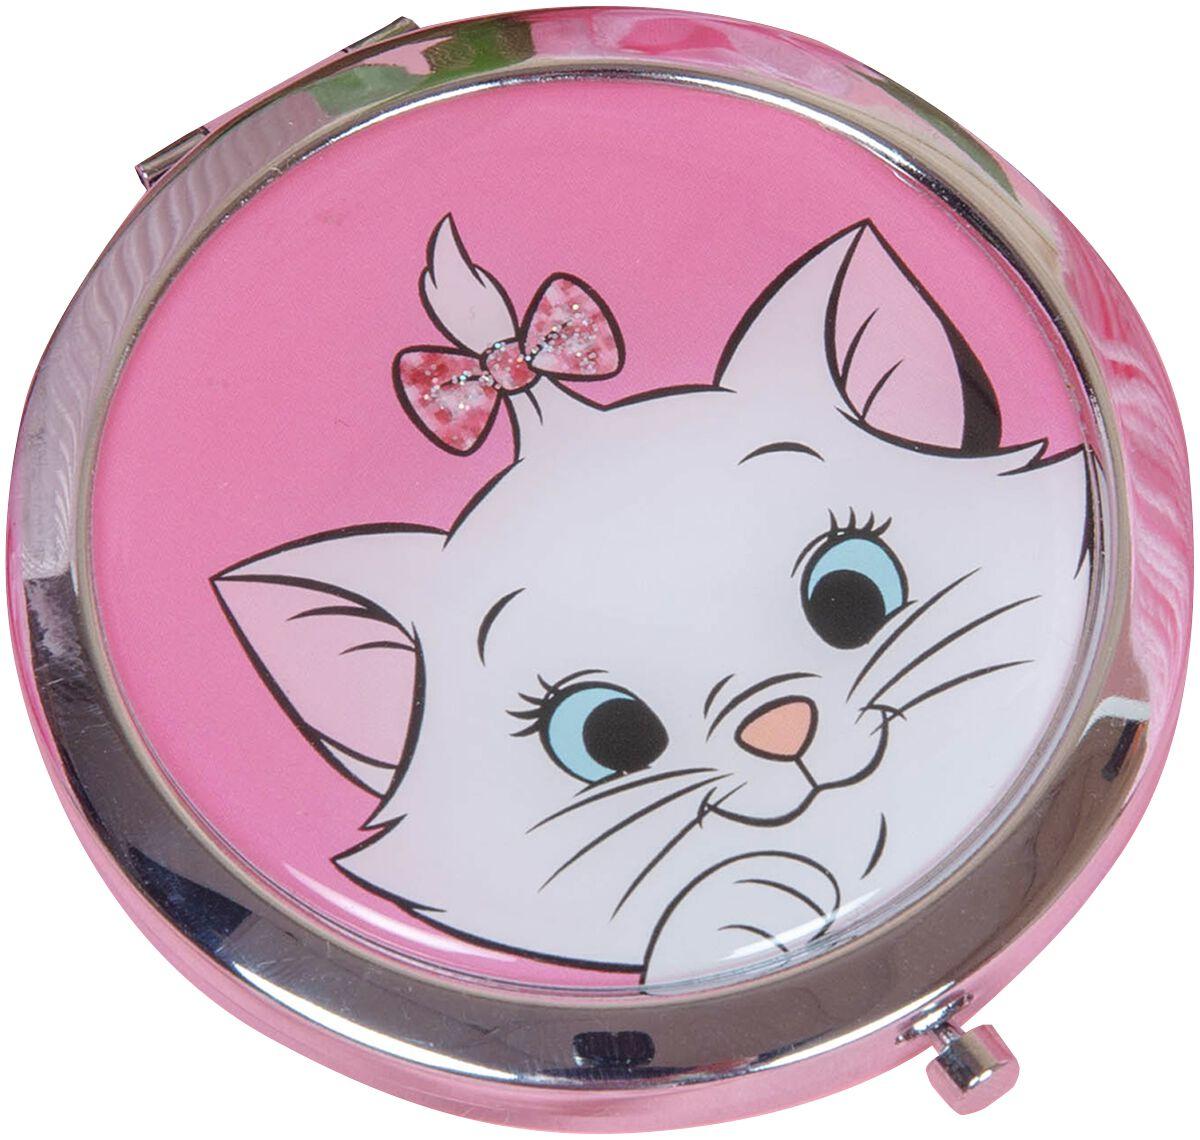 Aristocats Marie  Taschenspiegel  silberfarben